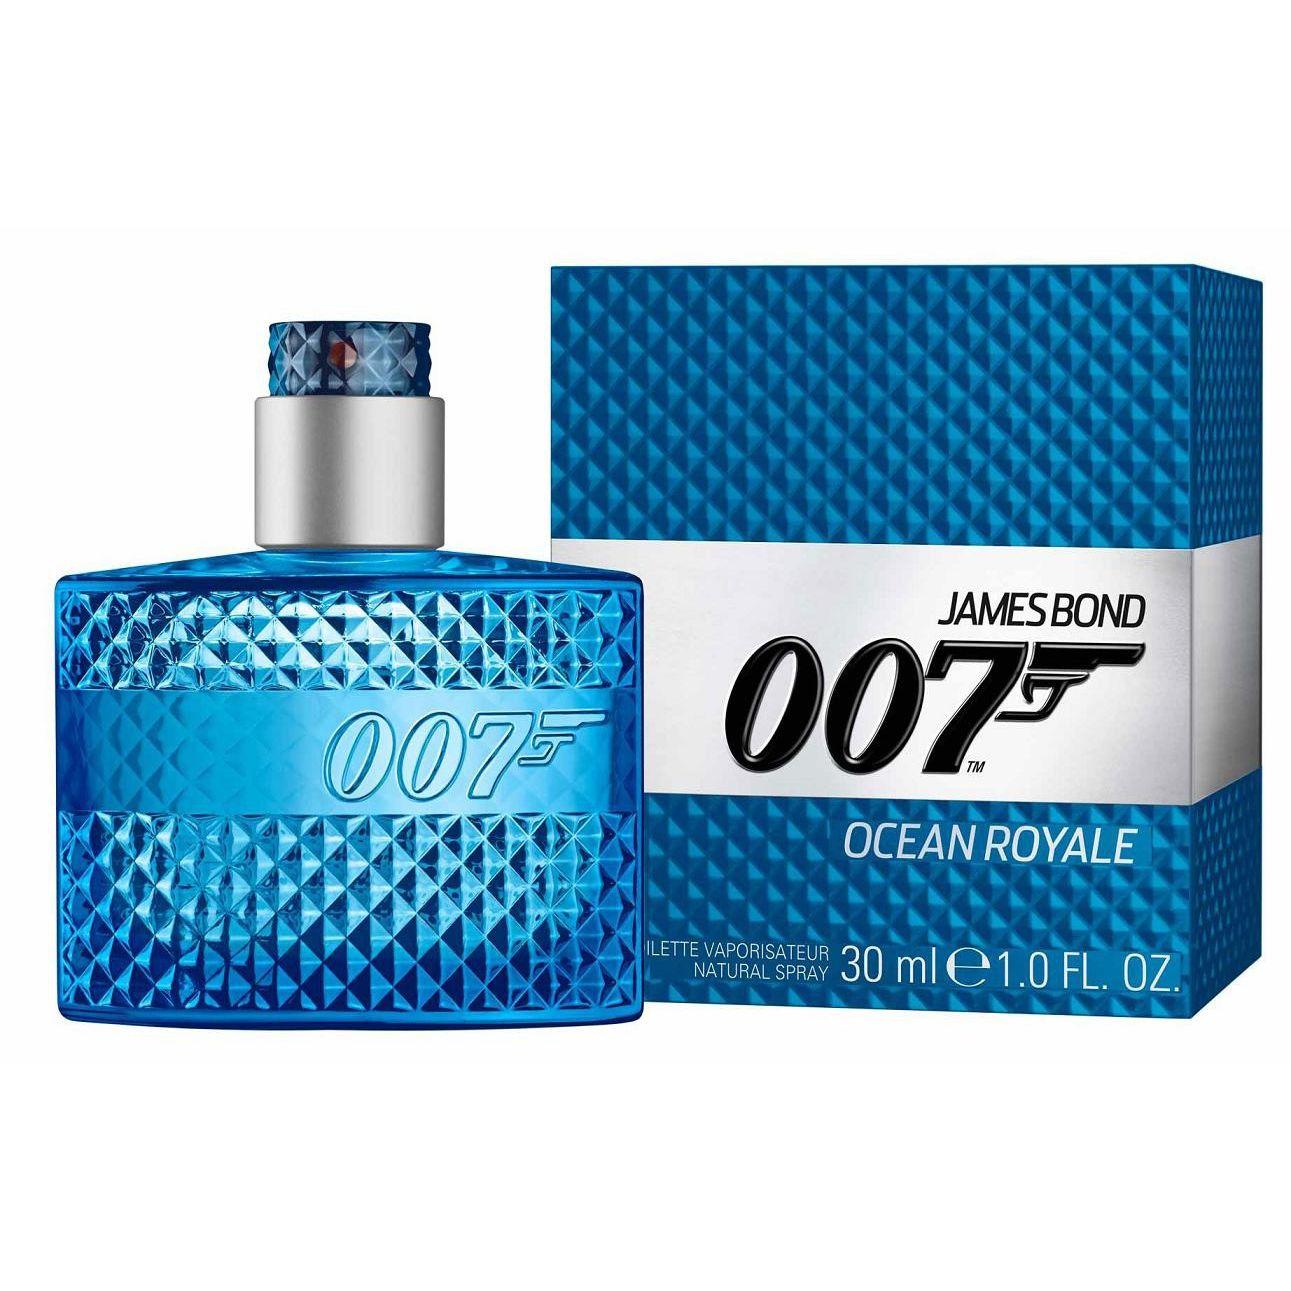 James Bond 007 Ocean Royale Eau de Toilette 30 ml Spray